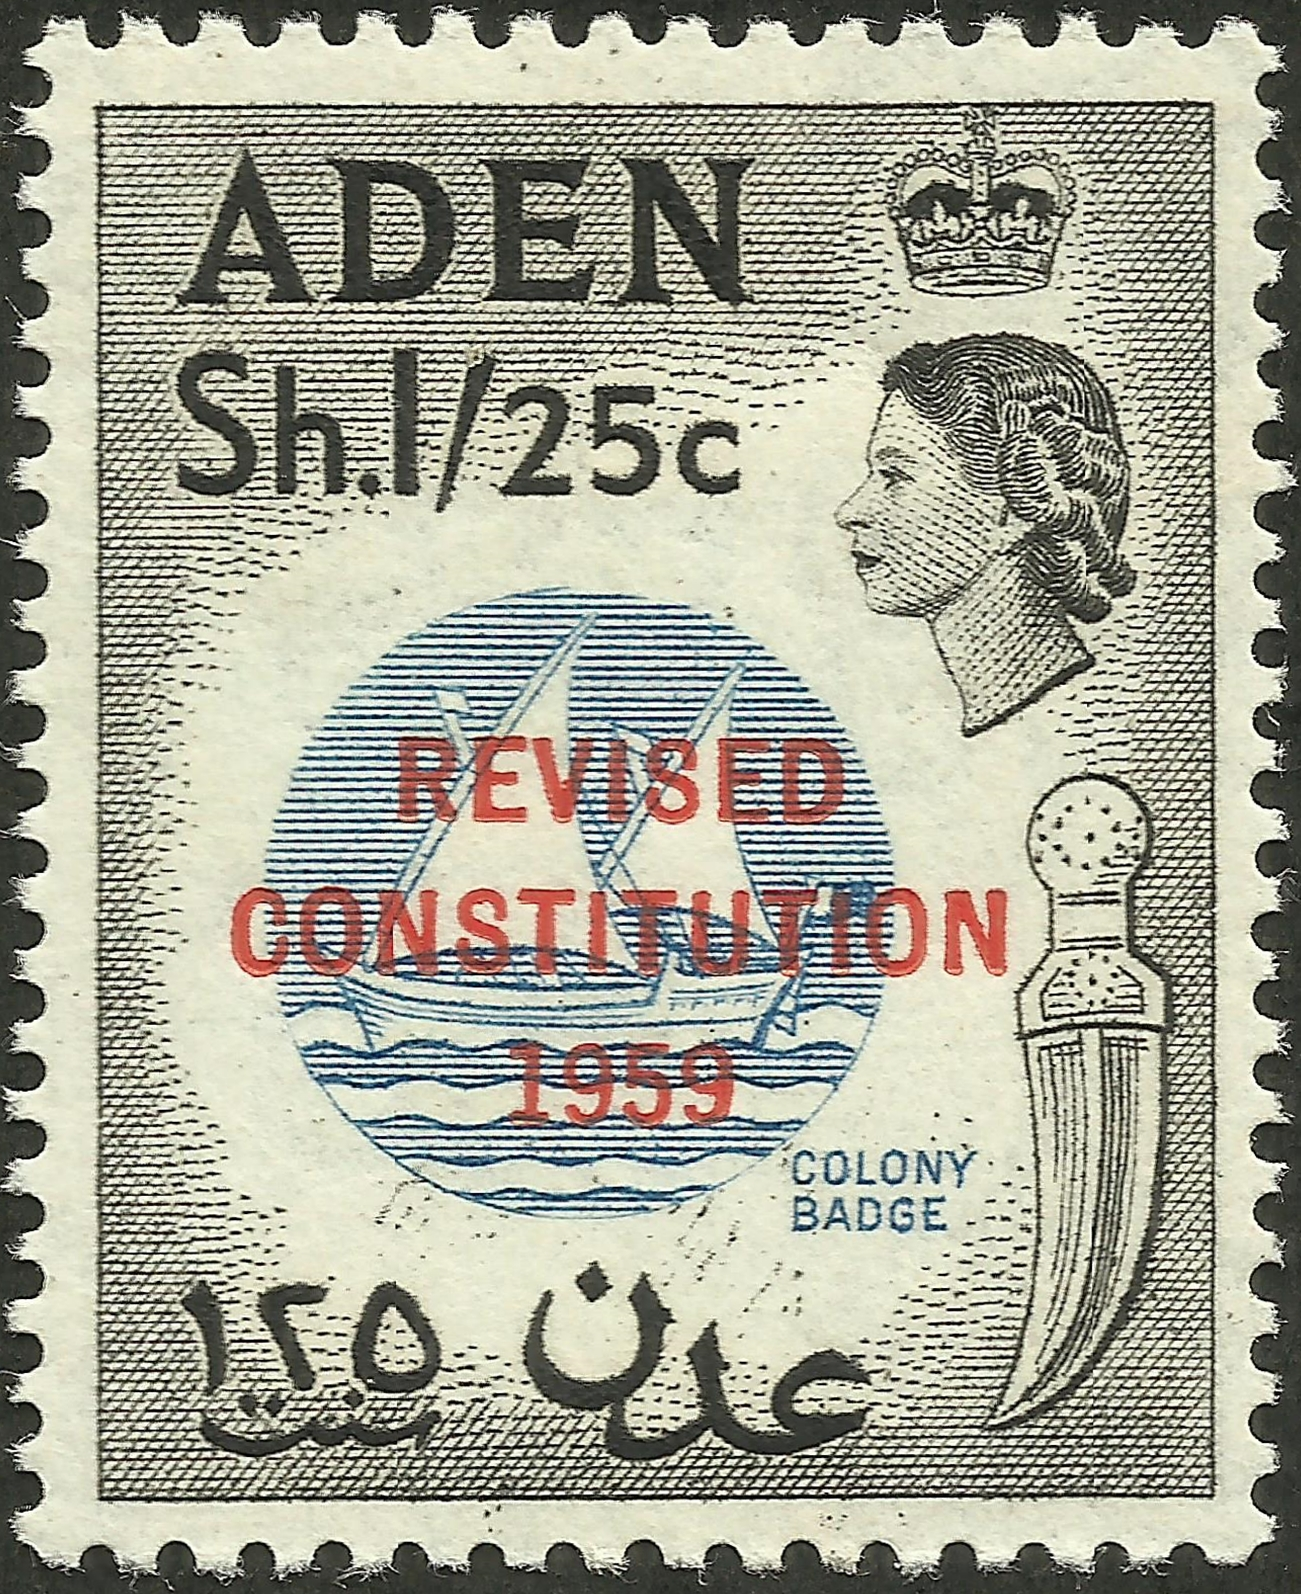 Aden - Scott #64 (1959)